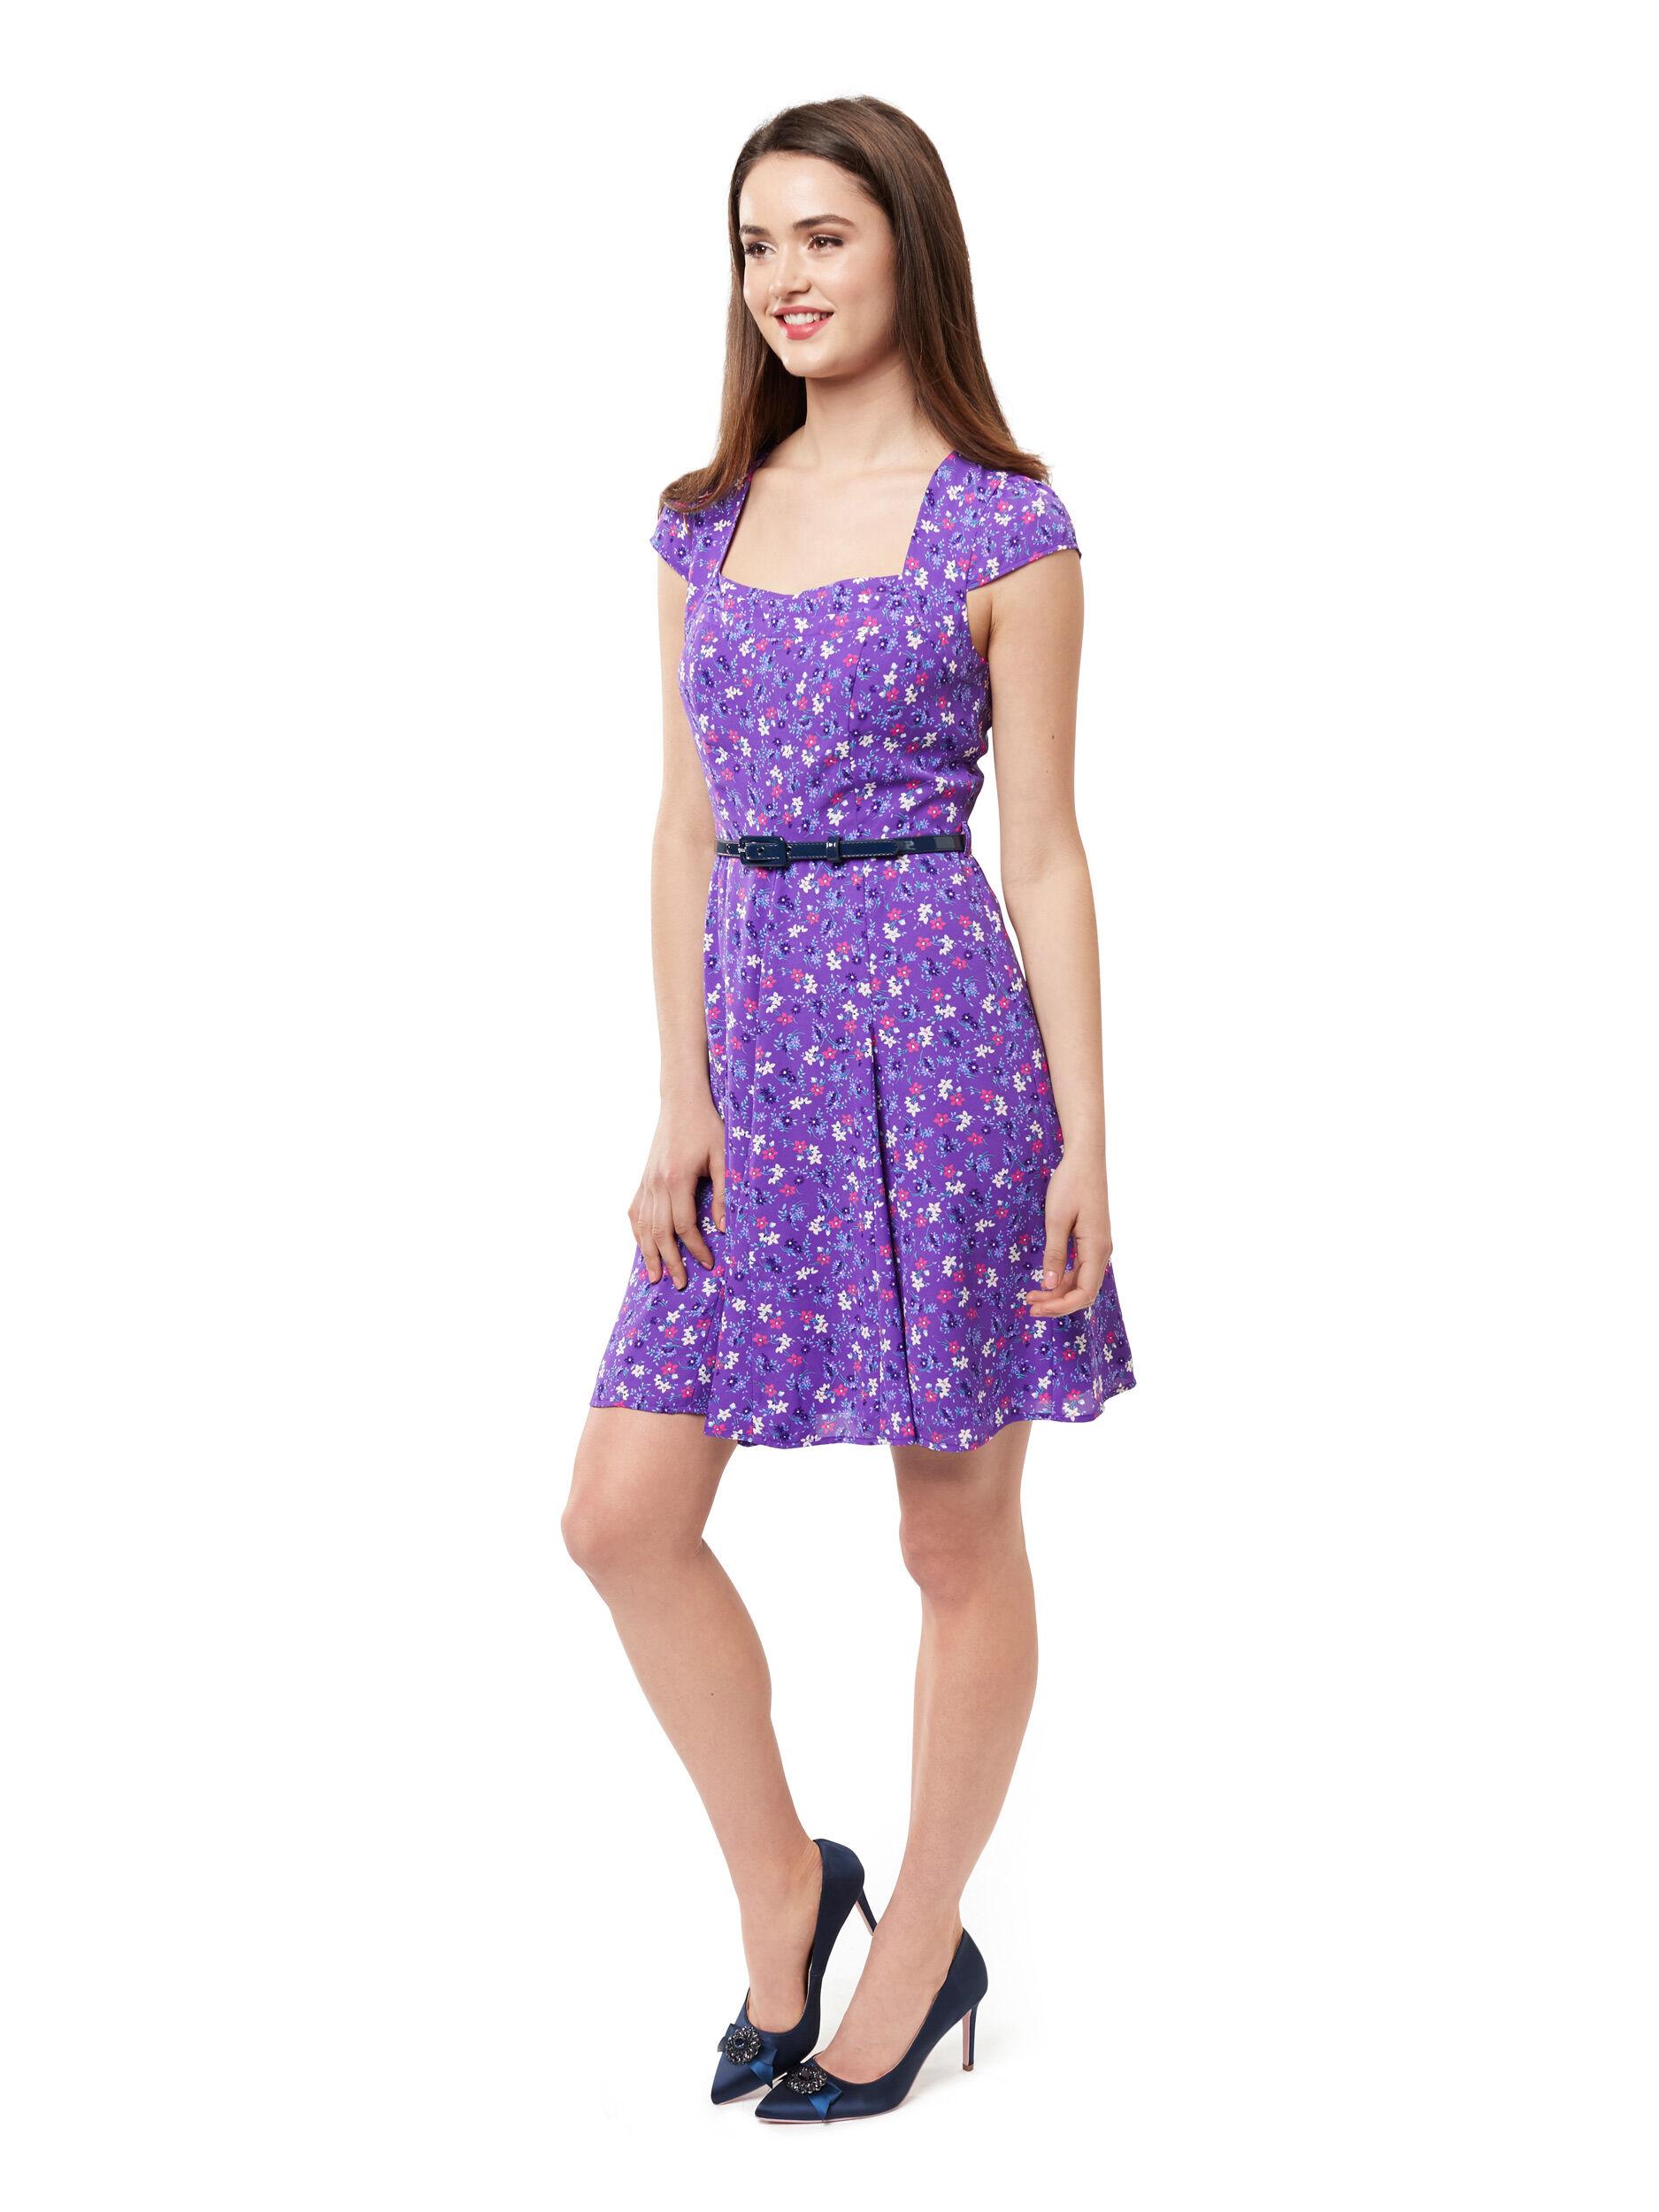 Dali Floral Dress